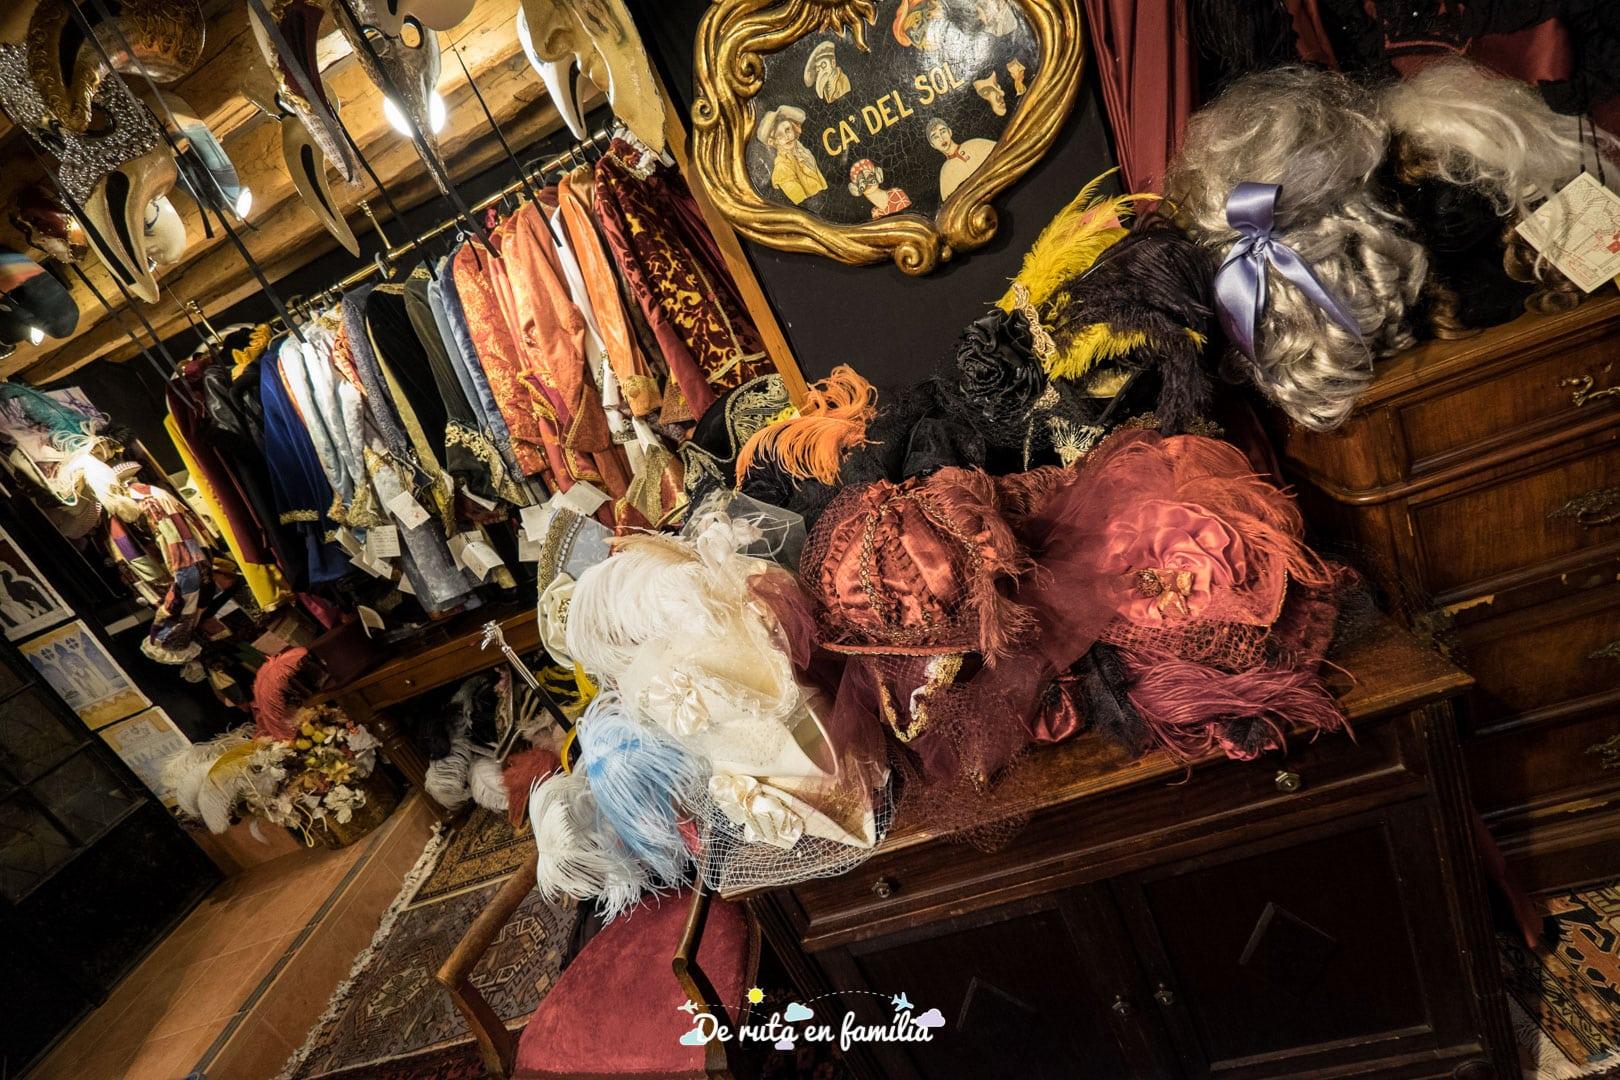 lloguer de disfresses pel carnaval de venecia